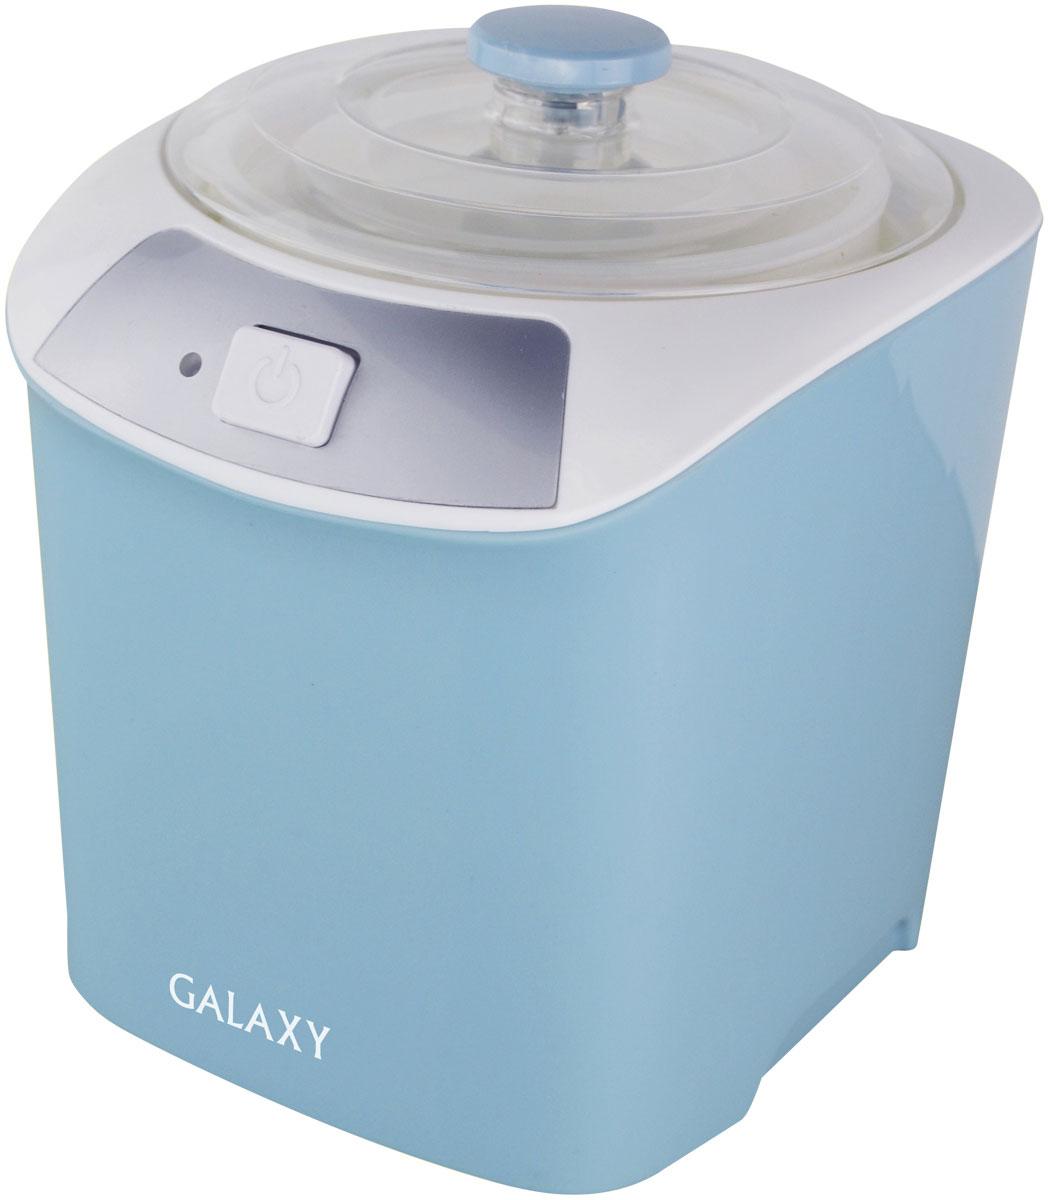 Galaxy GL 2694 йогуртница4650067301945Электрическая йогуртница Galaxy GL 2694 необходима для приготовления в домашних условиях натуральных кисломолочных продуктов без консервантов. С помощью йогуртницы вы можете радовать родных и близких вкуснейшими йогуртами, молочными десертами, домашней сметаной, кефиром. Объем контейнера 1 литр позволяет готовить вкусное и полезное лакомство для большой семьи. Благодаря низкому потреблению электроэнергии вы можете чаще экспериментировать с собственными кулинарными идеями. В свою очередь, элегантный и стильный дизайн йогуртницы органично впишется в самый изысканный кухонный интерьер.